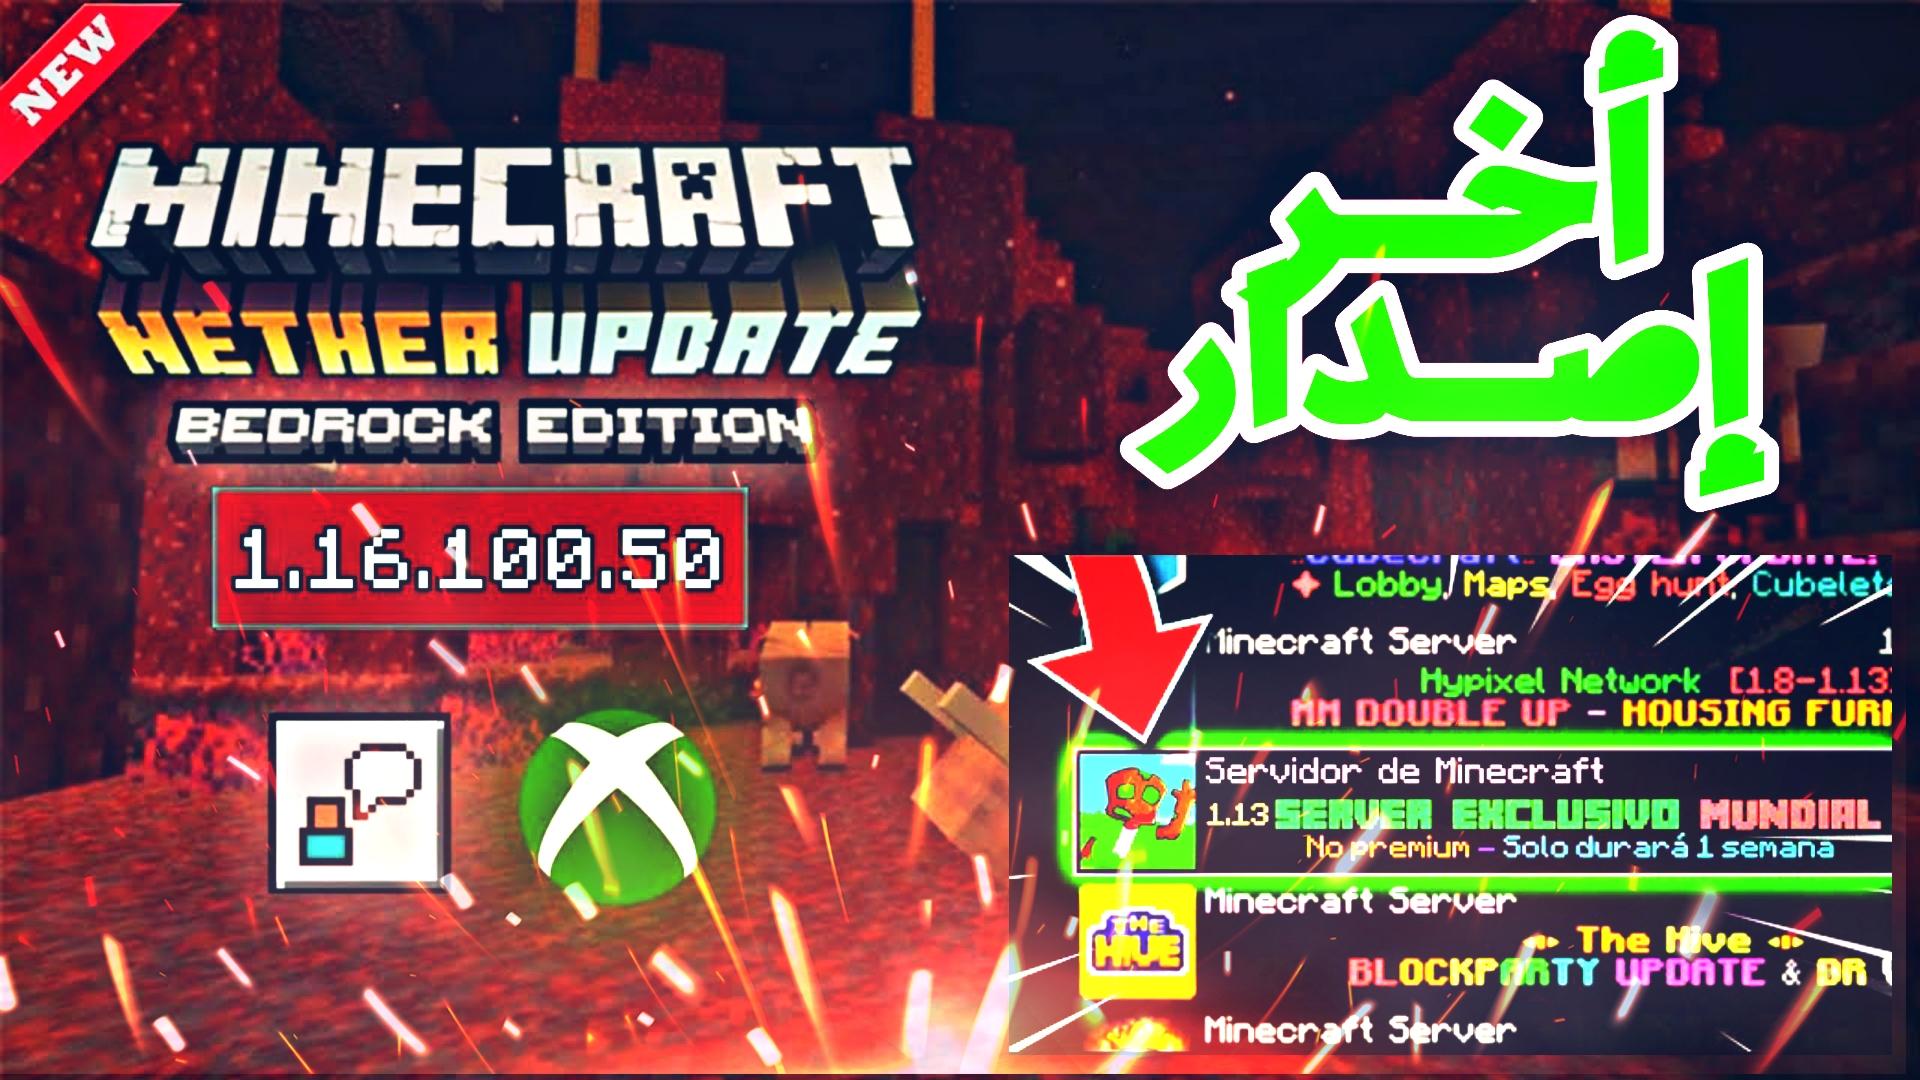 تحميل أخر إصدار من لعبة Minecraft لجميع الأجهزة و بها سرفرات كثيرة